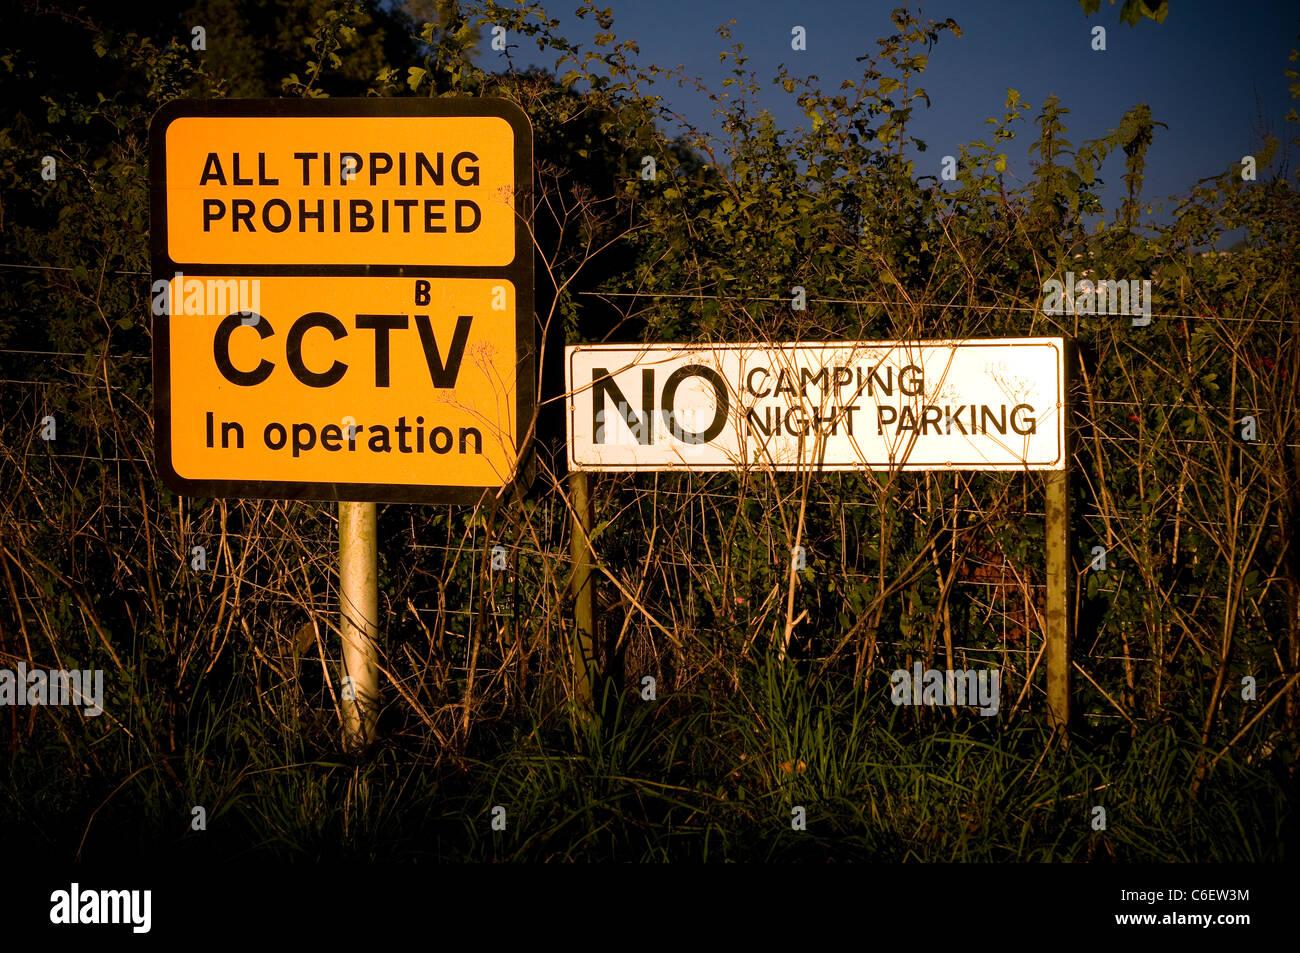 Straßenrand Warnung Zeichen Kameras, camping, Clip-Art, Sammlung, bunte, England, Illustration, Lichter, Stockbild